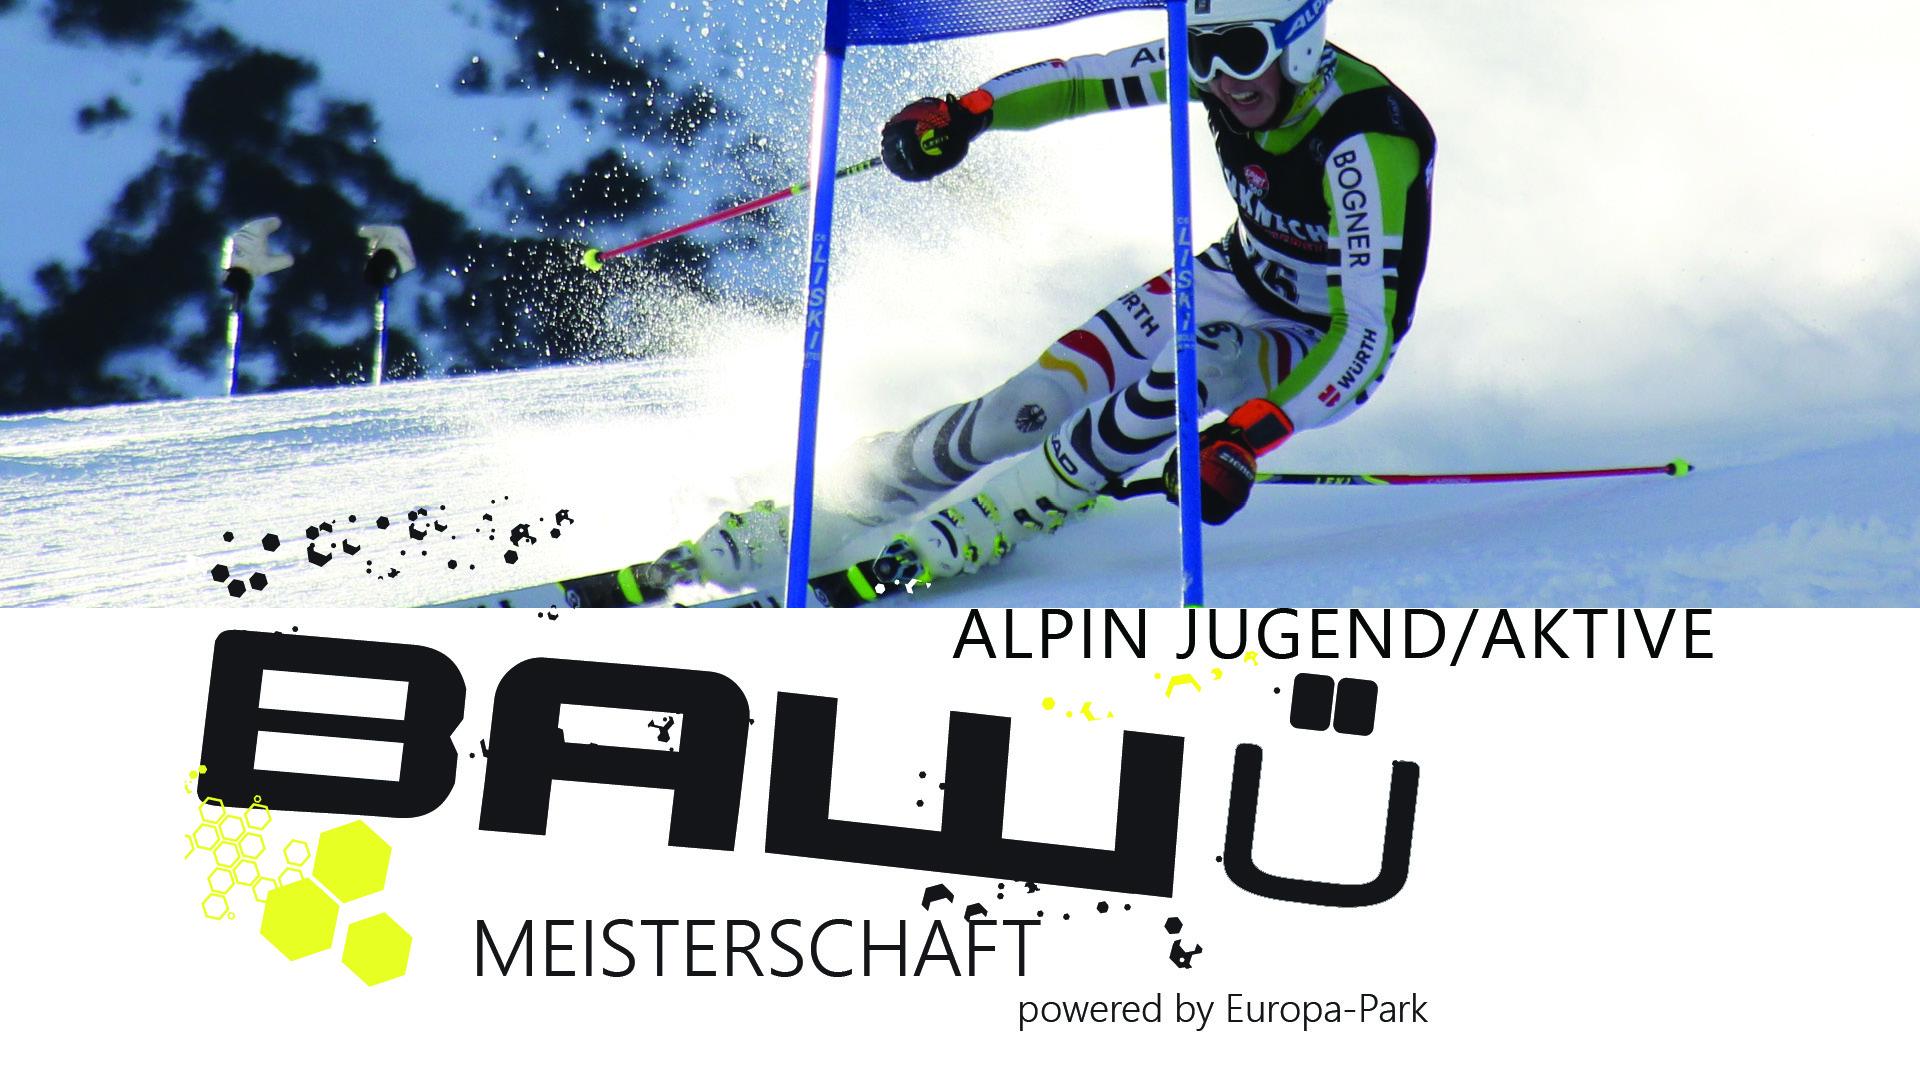 Ba-Wü Meisterschaften Jugend/Aktive Alpin